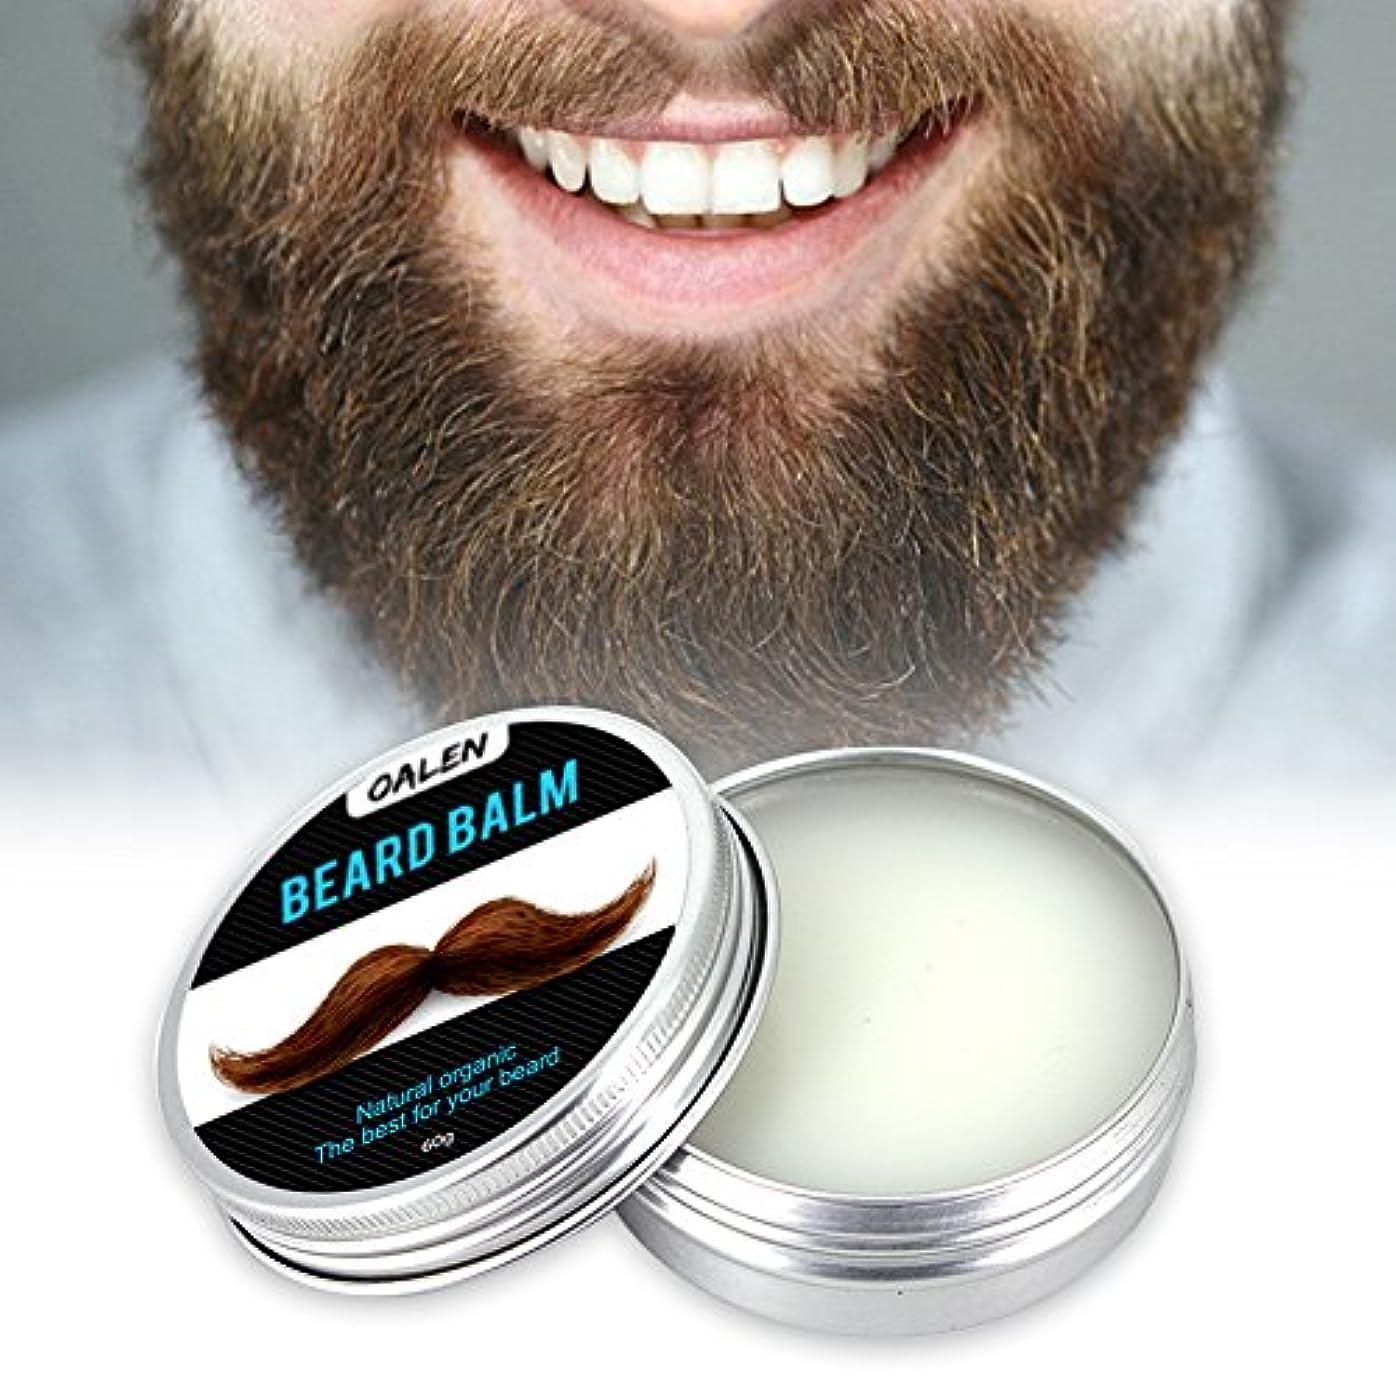 地上で流行している解放Ruier-tong ビアードワックス ビアードバーム メンズひげワックス 口髭用ワックス ひげクリーム 保湿/滋養/ひげ根のケアなどの効果  ひげケア必需品 携帯便利 ホワイト